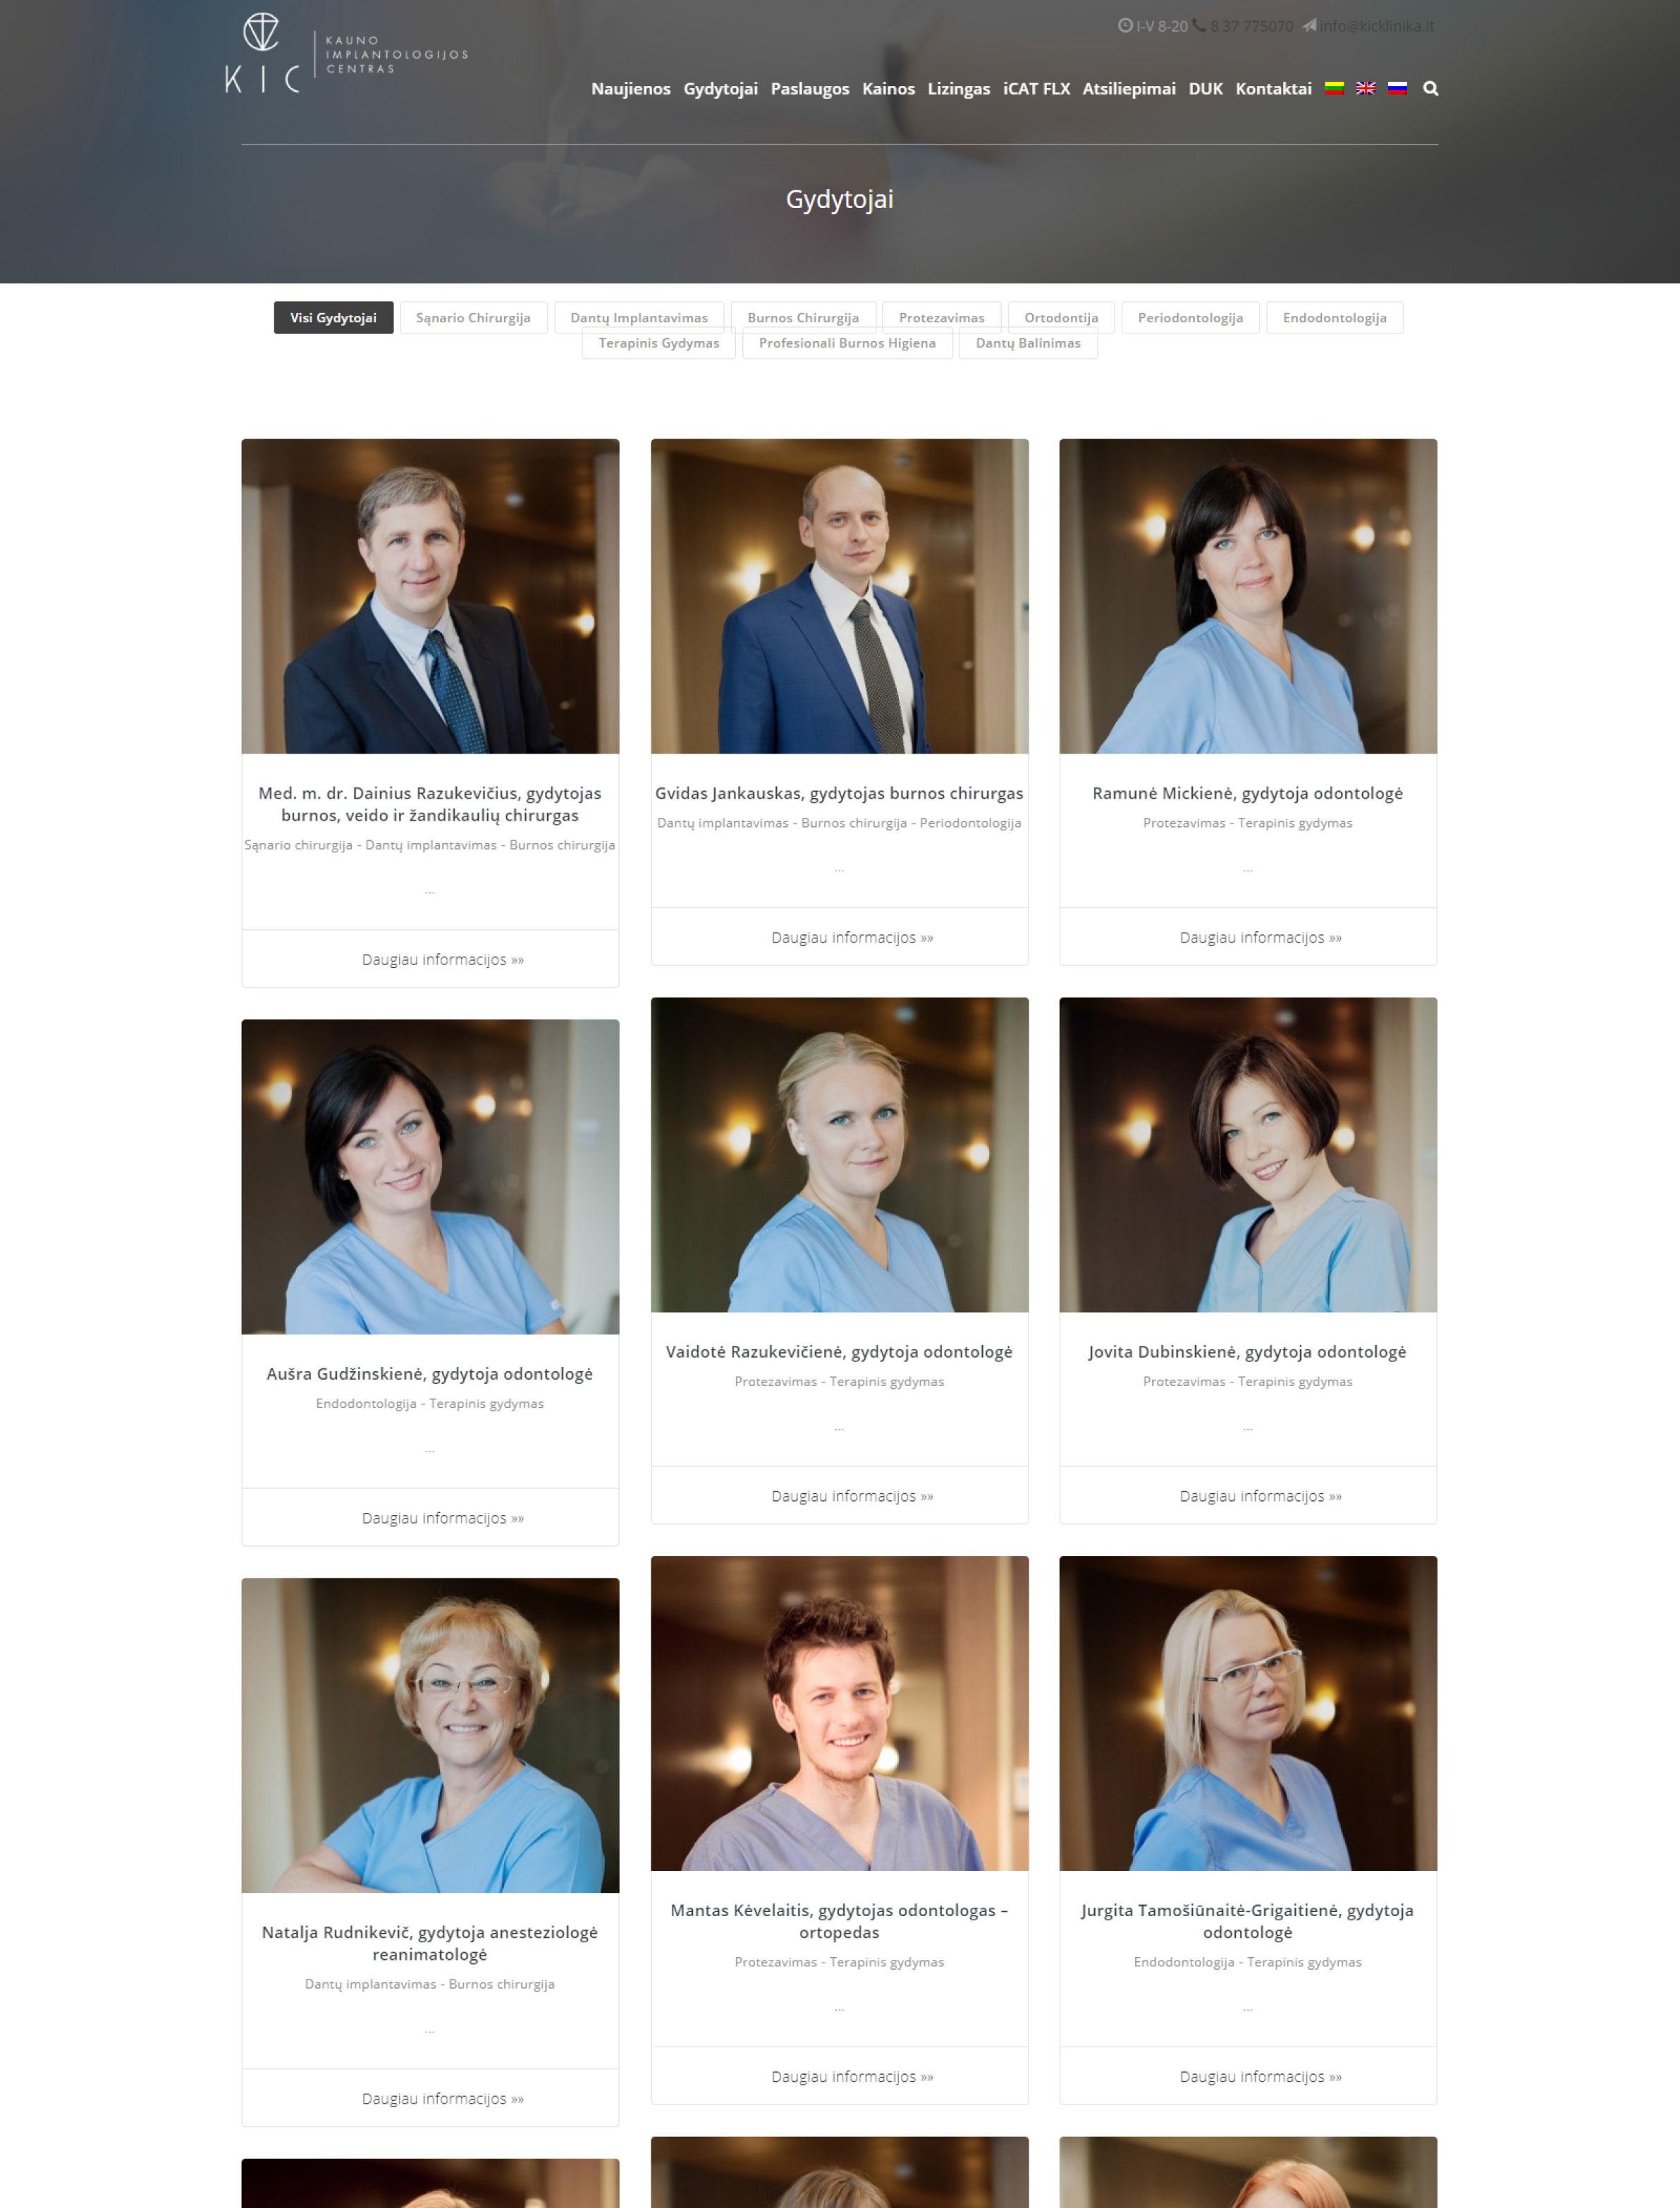 screencapture-kicklinika-lt-gydytojai-2019-03-31-13_11_50-1